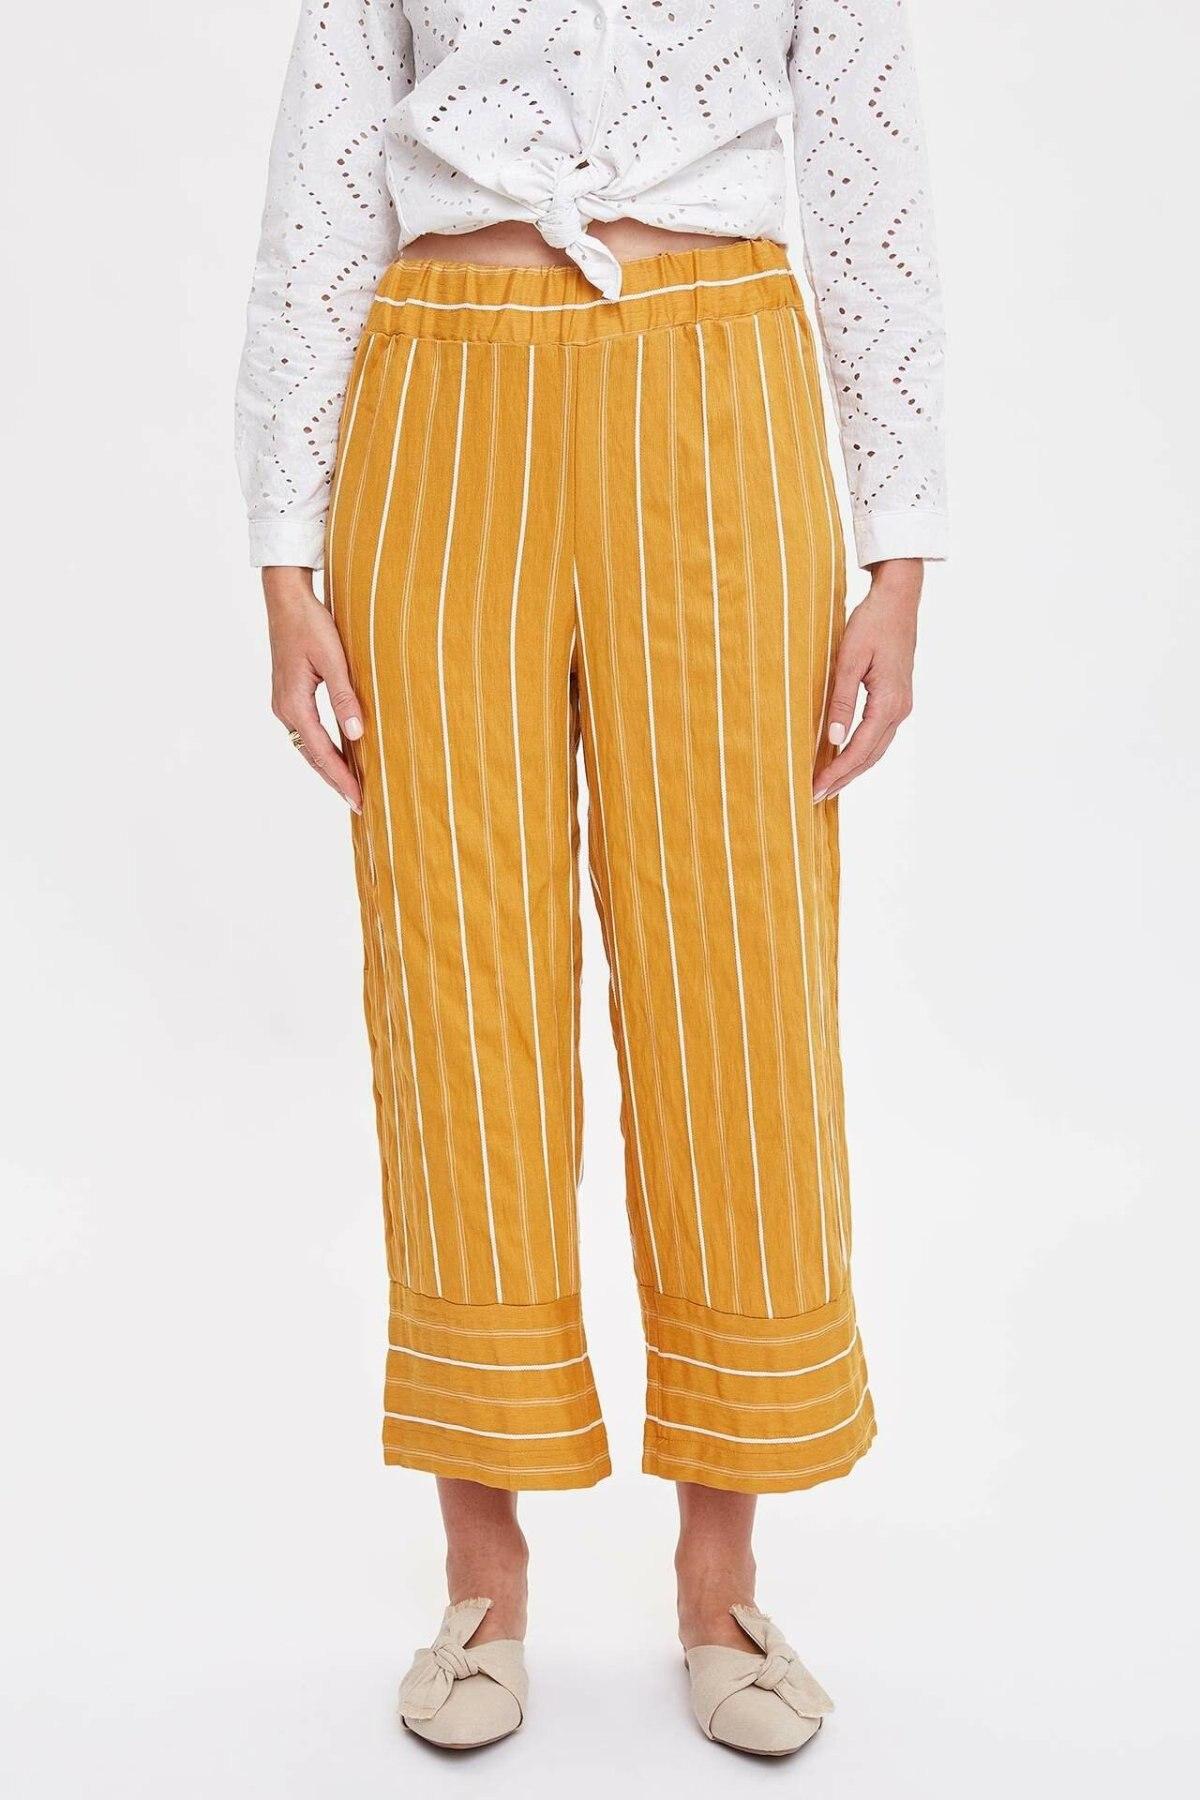 DeFacto Woman Wide-leg Ninth Pants Women Striped Loose Bottoms Women Yellow Orange Color Woven Trousers-M0403AZ19SM